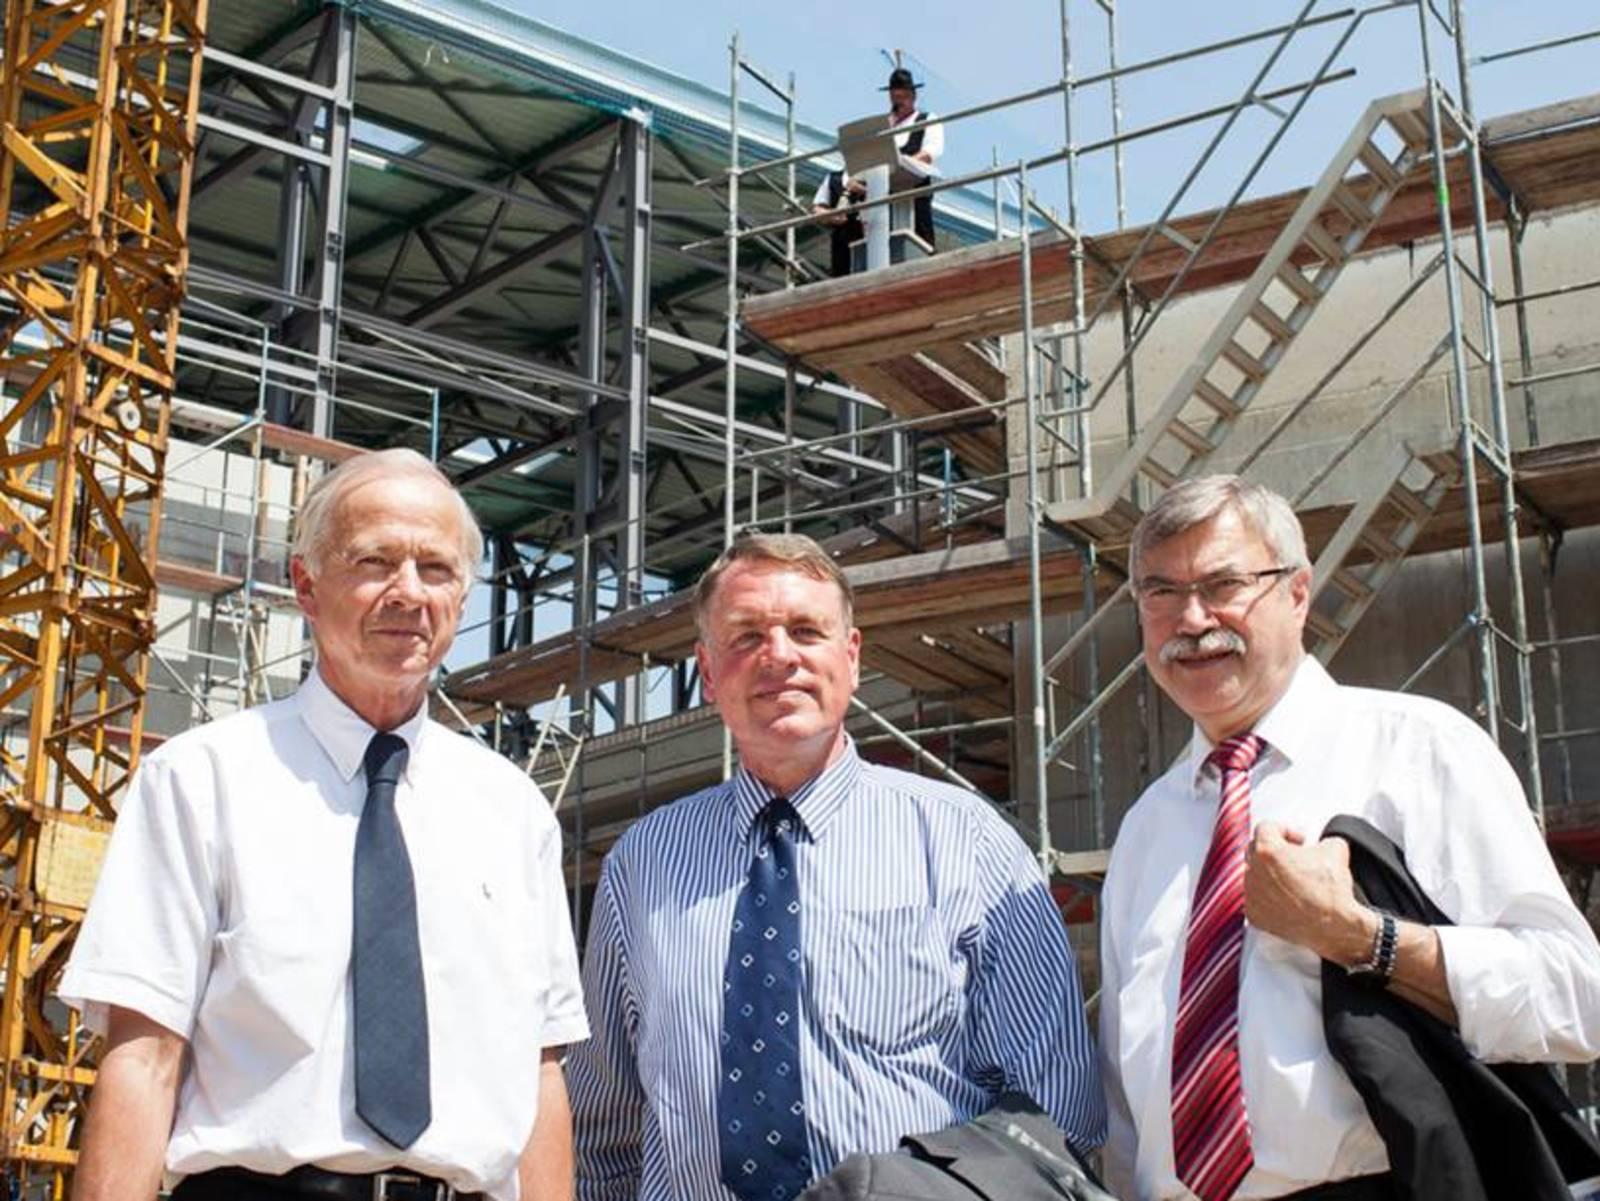 Drei Männer vor einem Rohbau